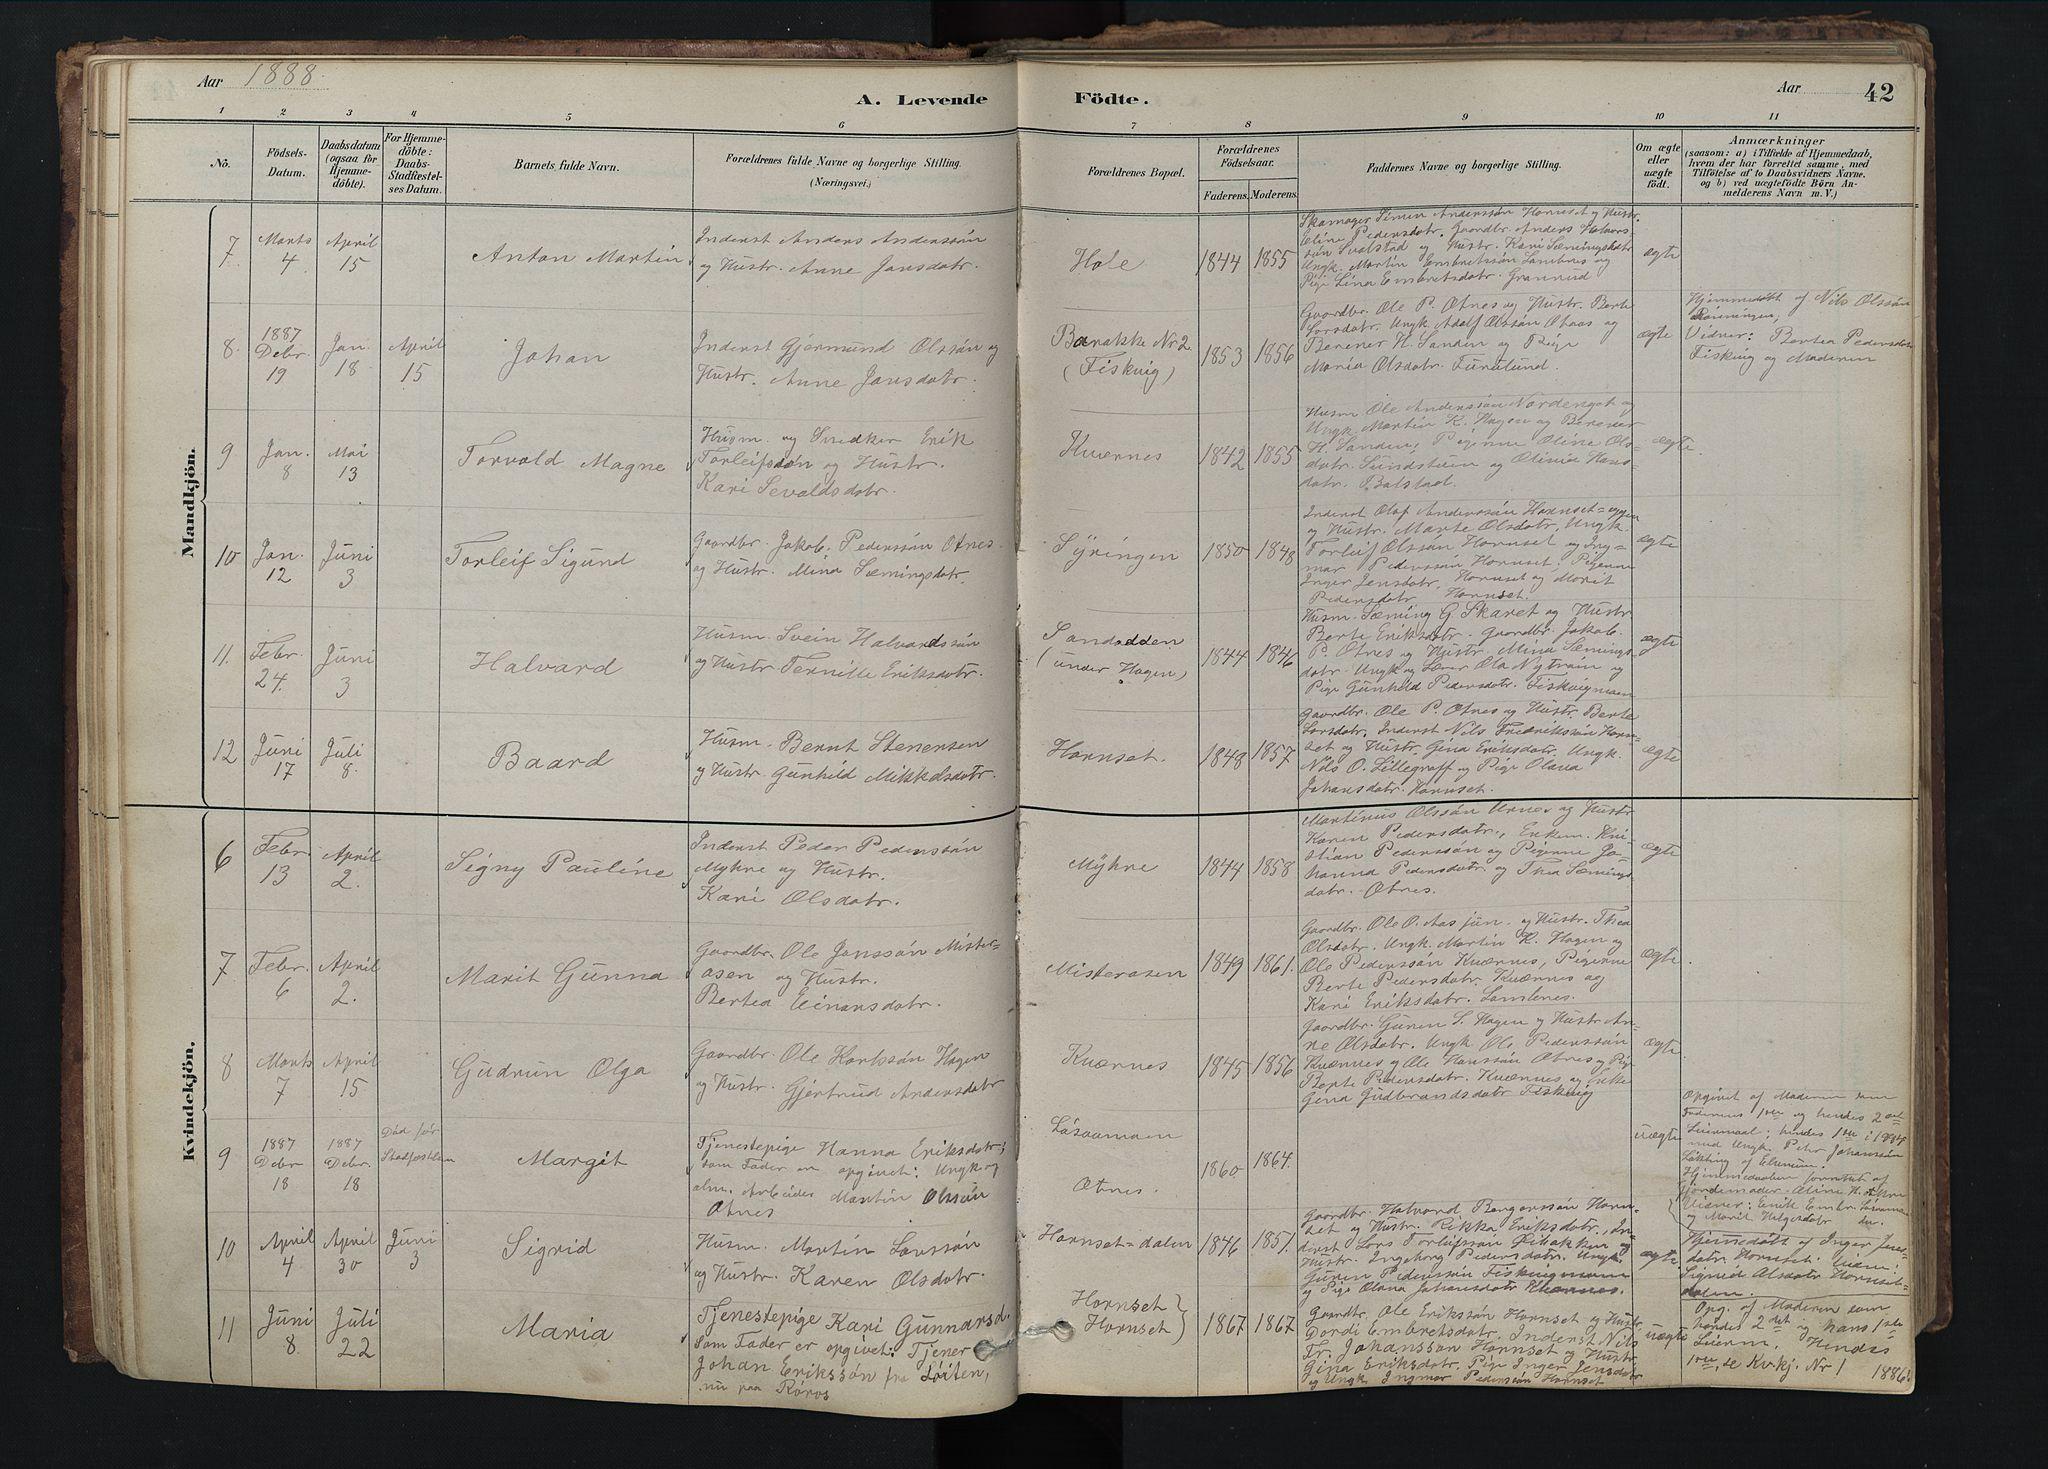 SAH, Rendalen prestekontor, H/Ha/Hab/L0009: Klokkerbok nr. 9, 1879-1902, s. 42